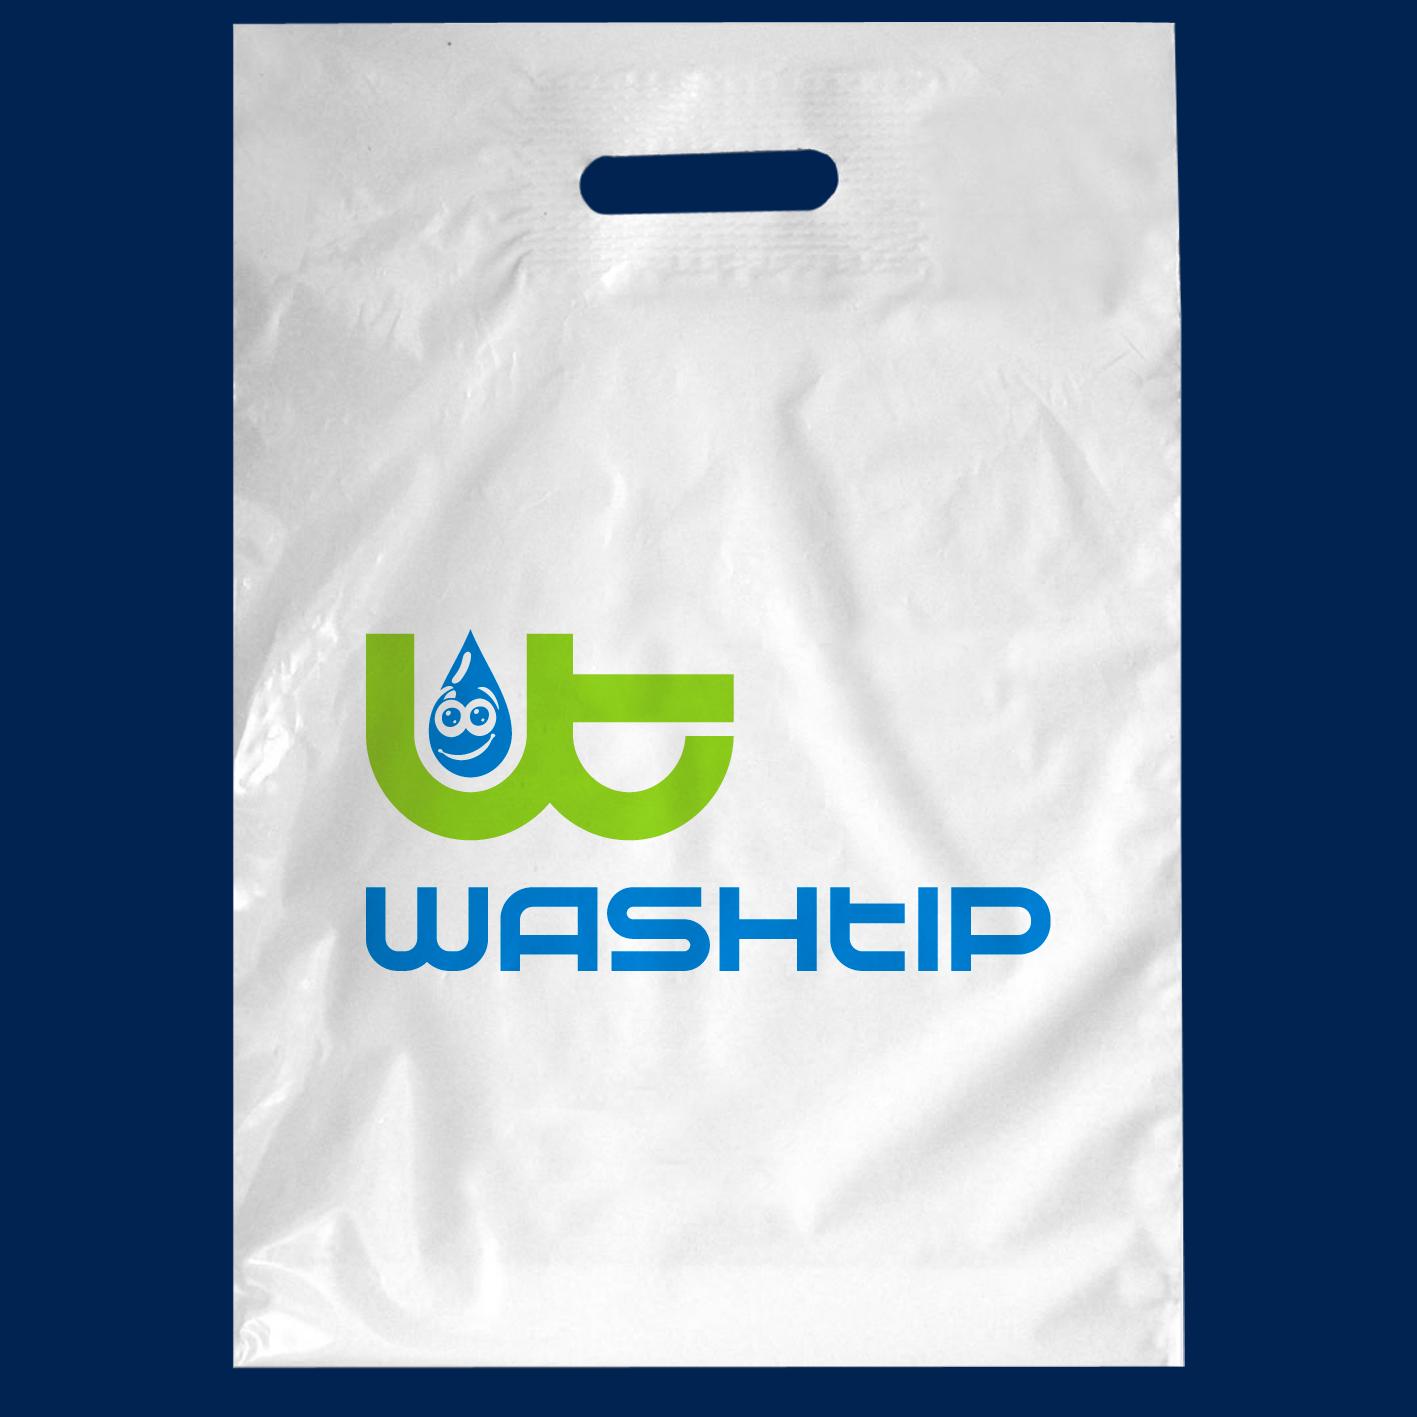 Разработка логотипа для онлайн-сервиса химчистки фото f_9715c02dd8c17554.png